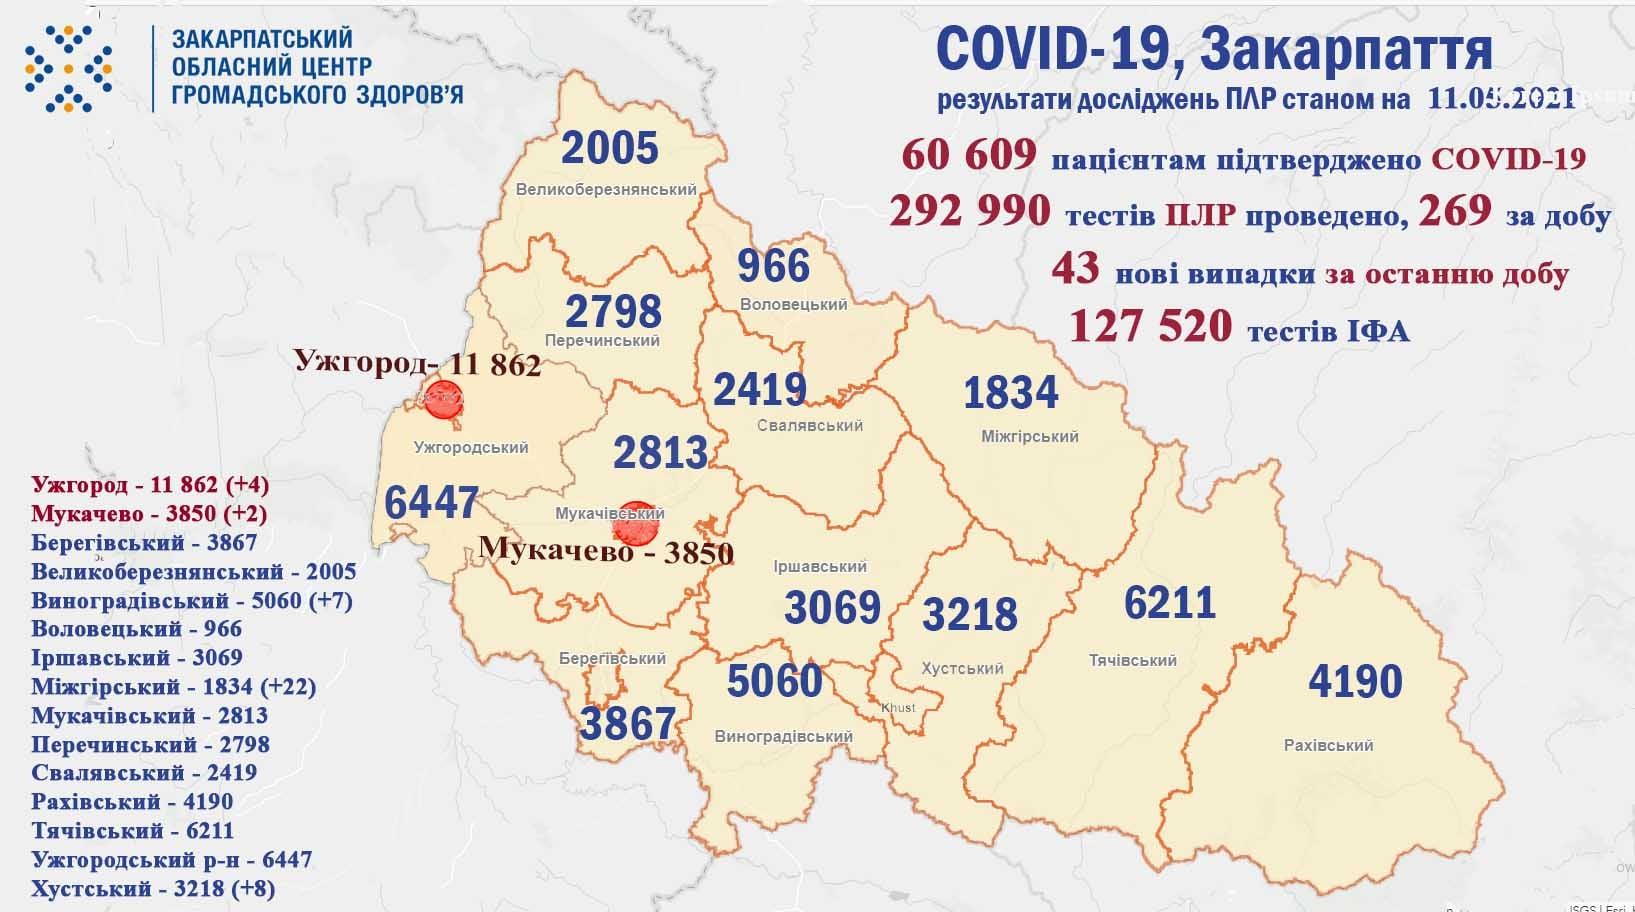 Жоден пацієнт із COVID-19 у Закарпатті не помер за минулу добу